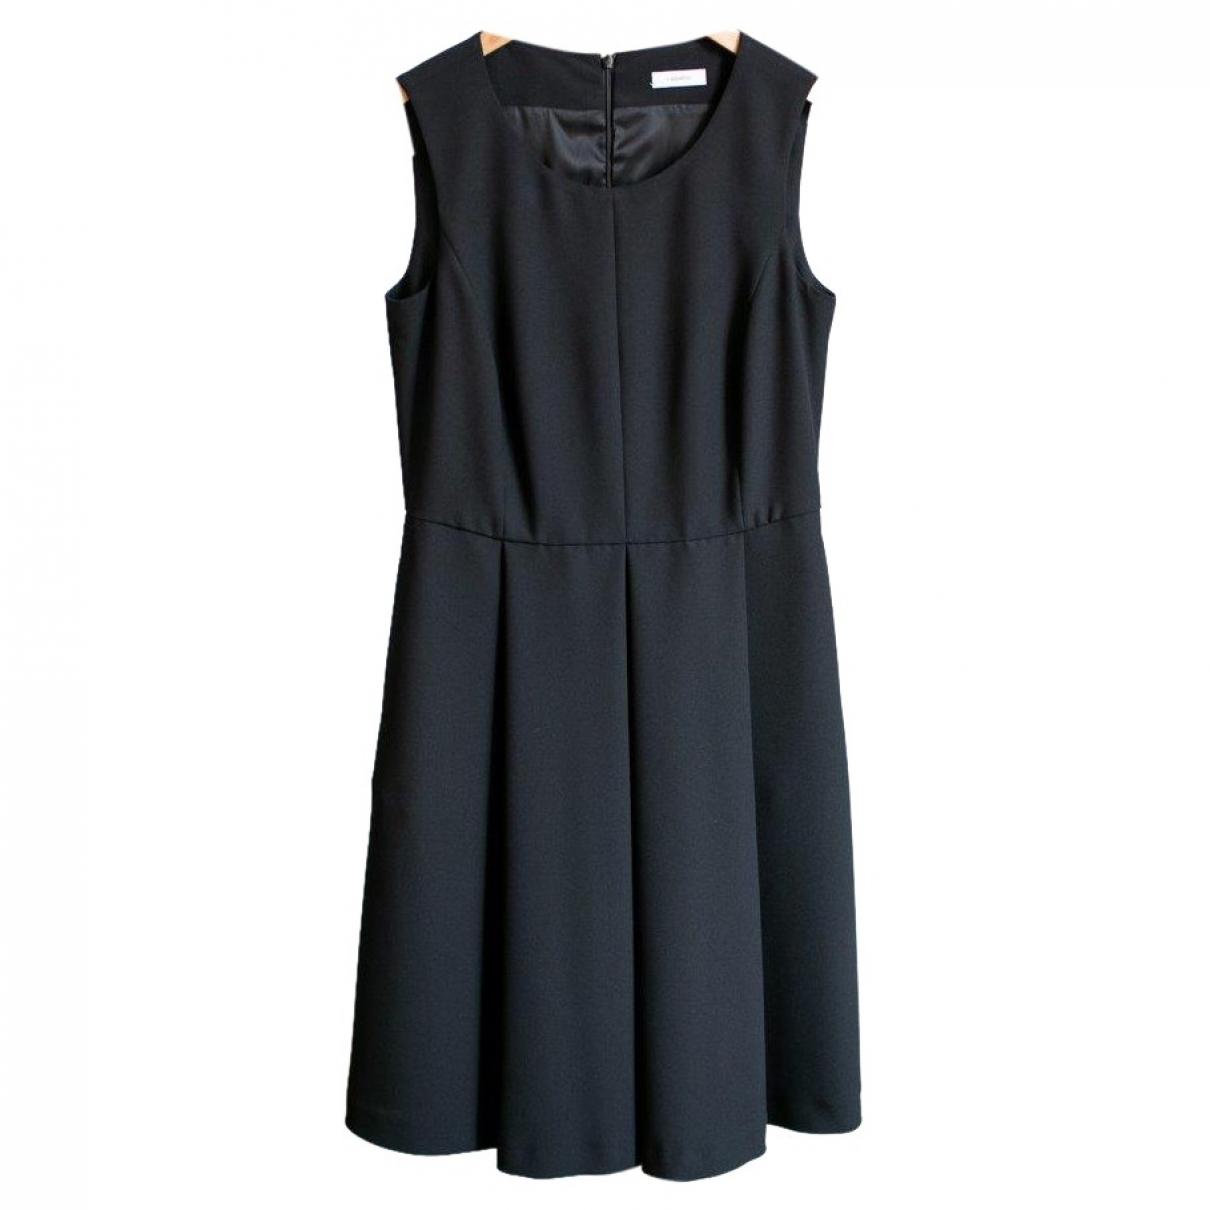 Cappellini \N Kleid in  Schwarz Polyester